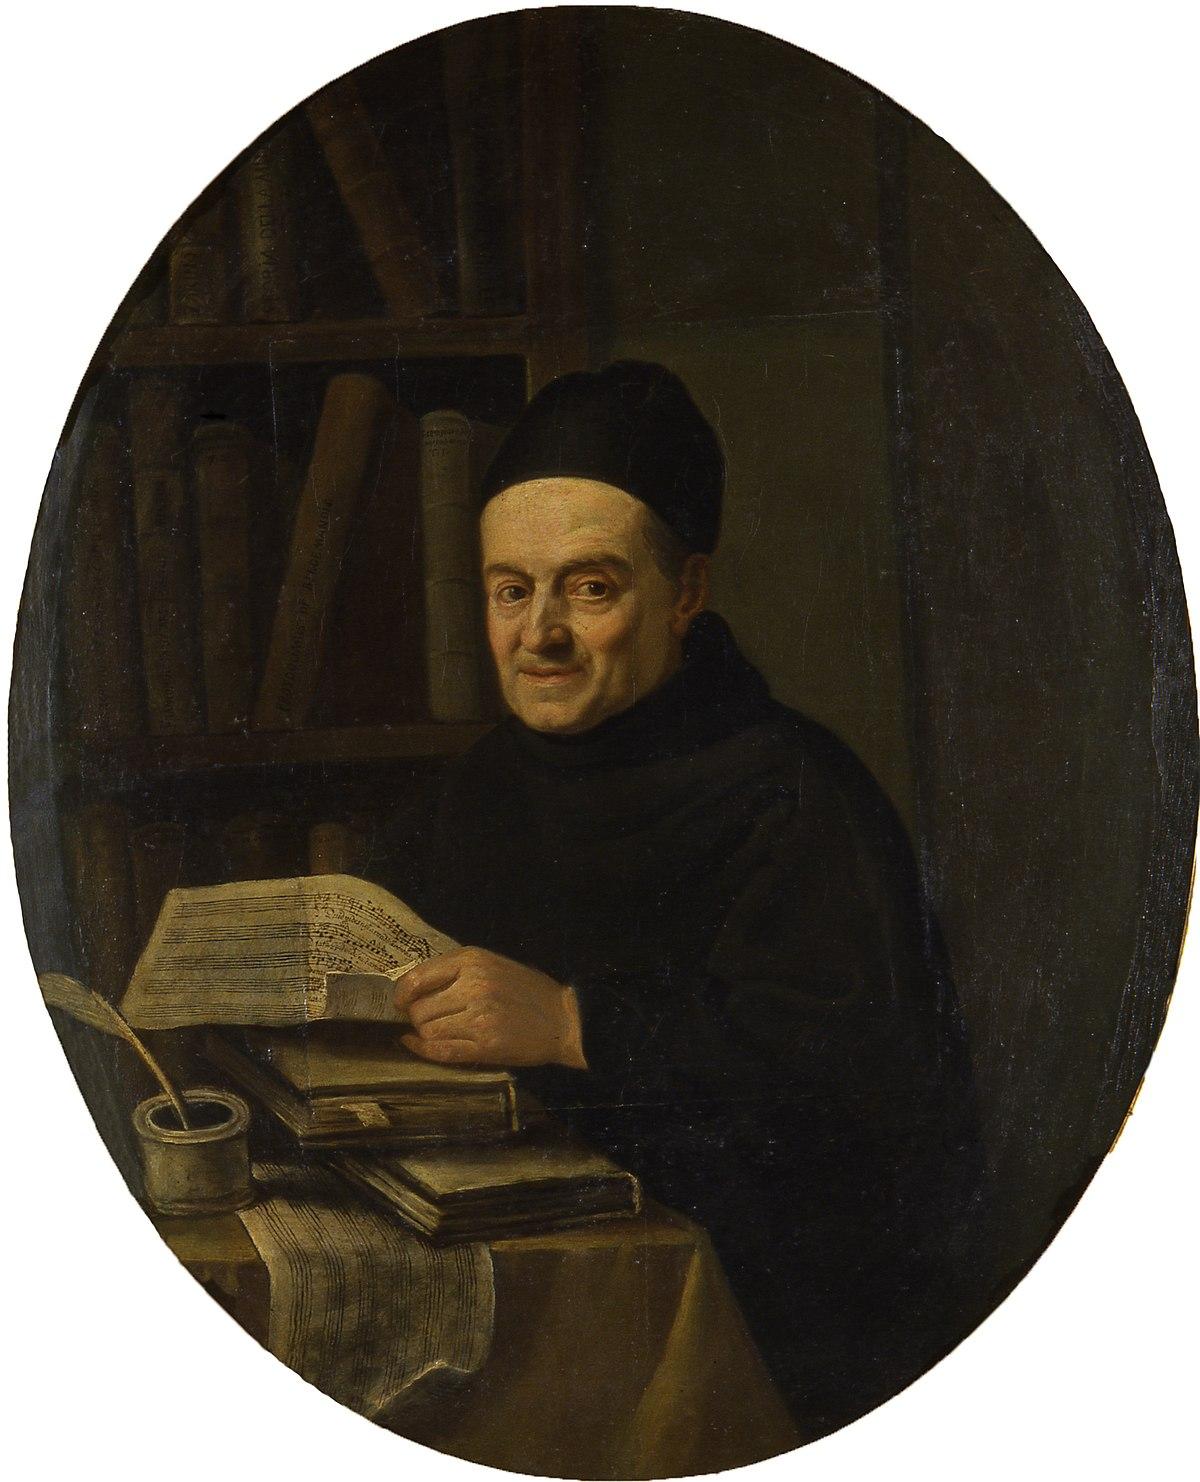 Mozart Lettere: Giovanni Battista Martini